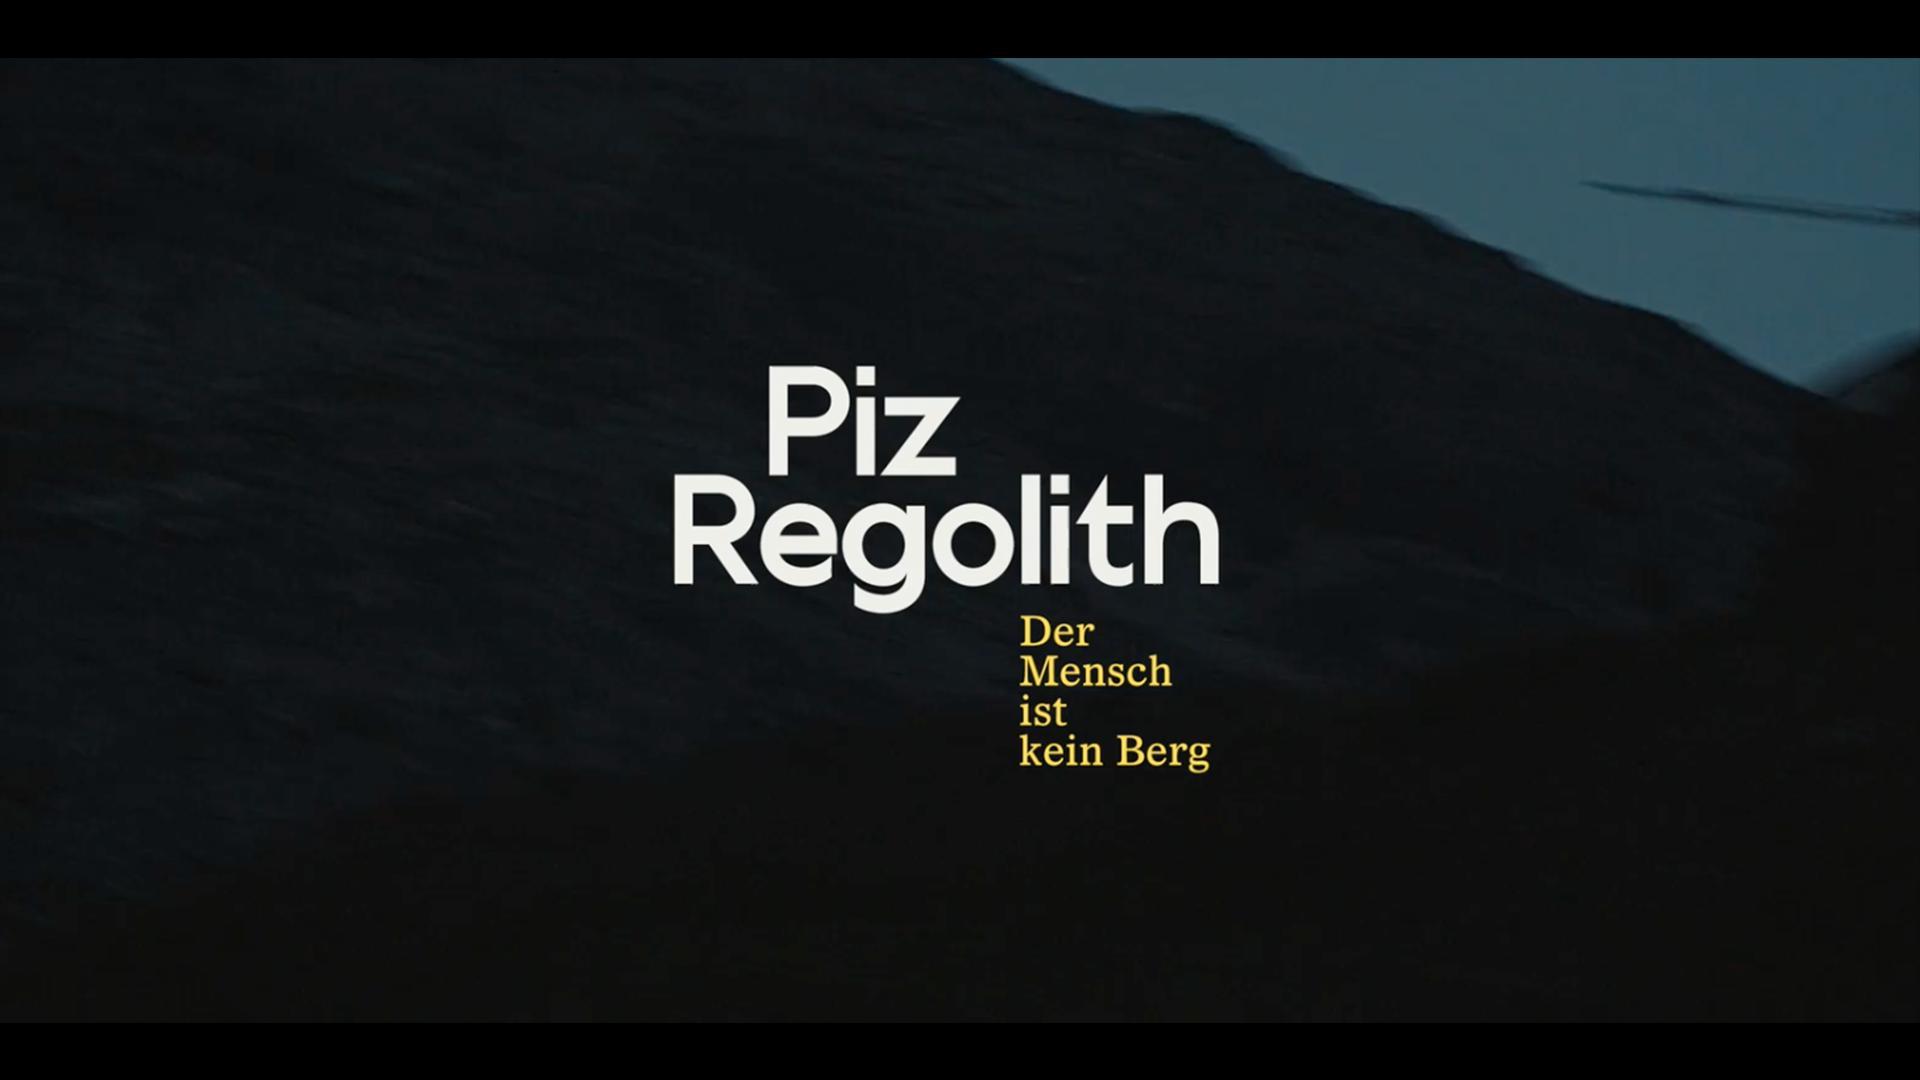 Piz Regolith